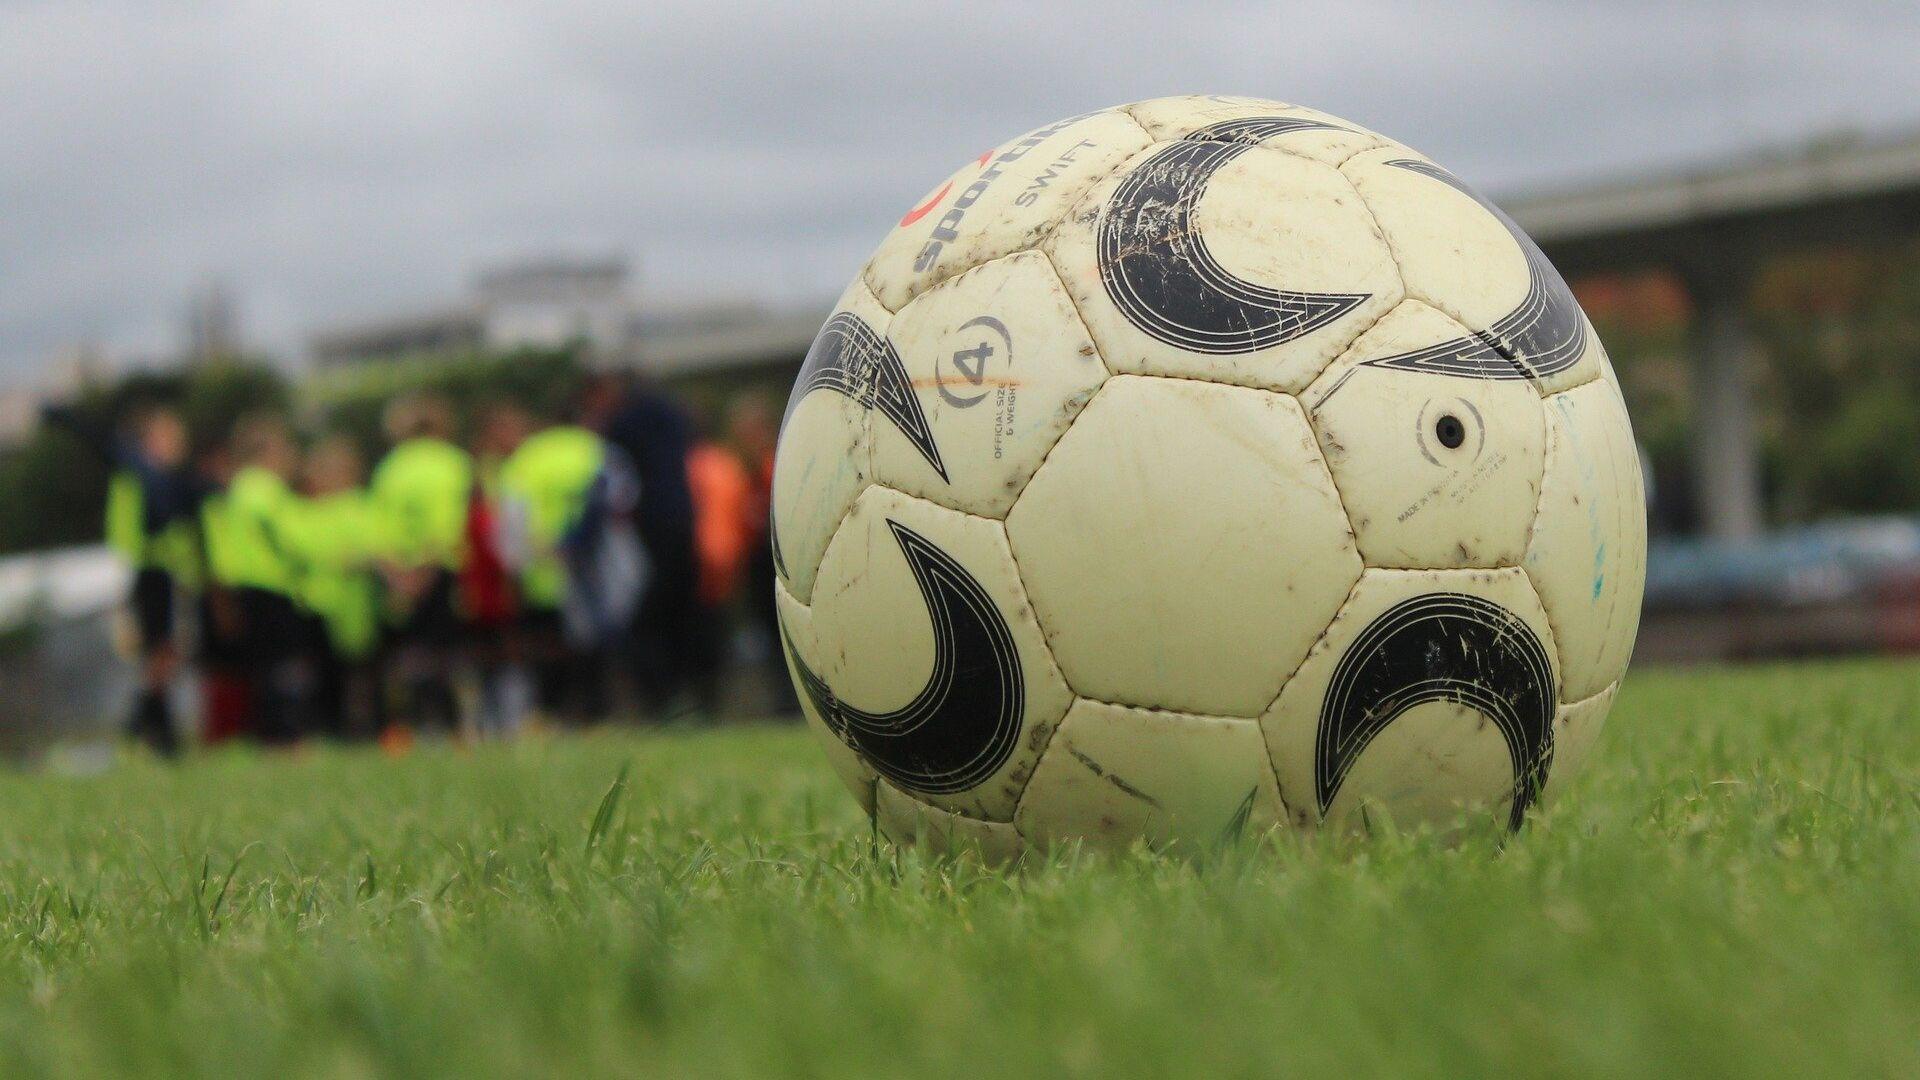 Футбольный мяч - Sputnik Латвия, 1920, 16.06.2021